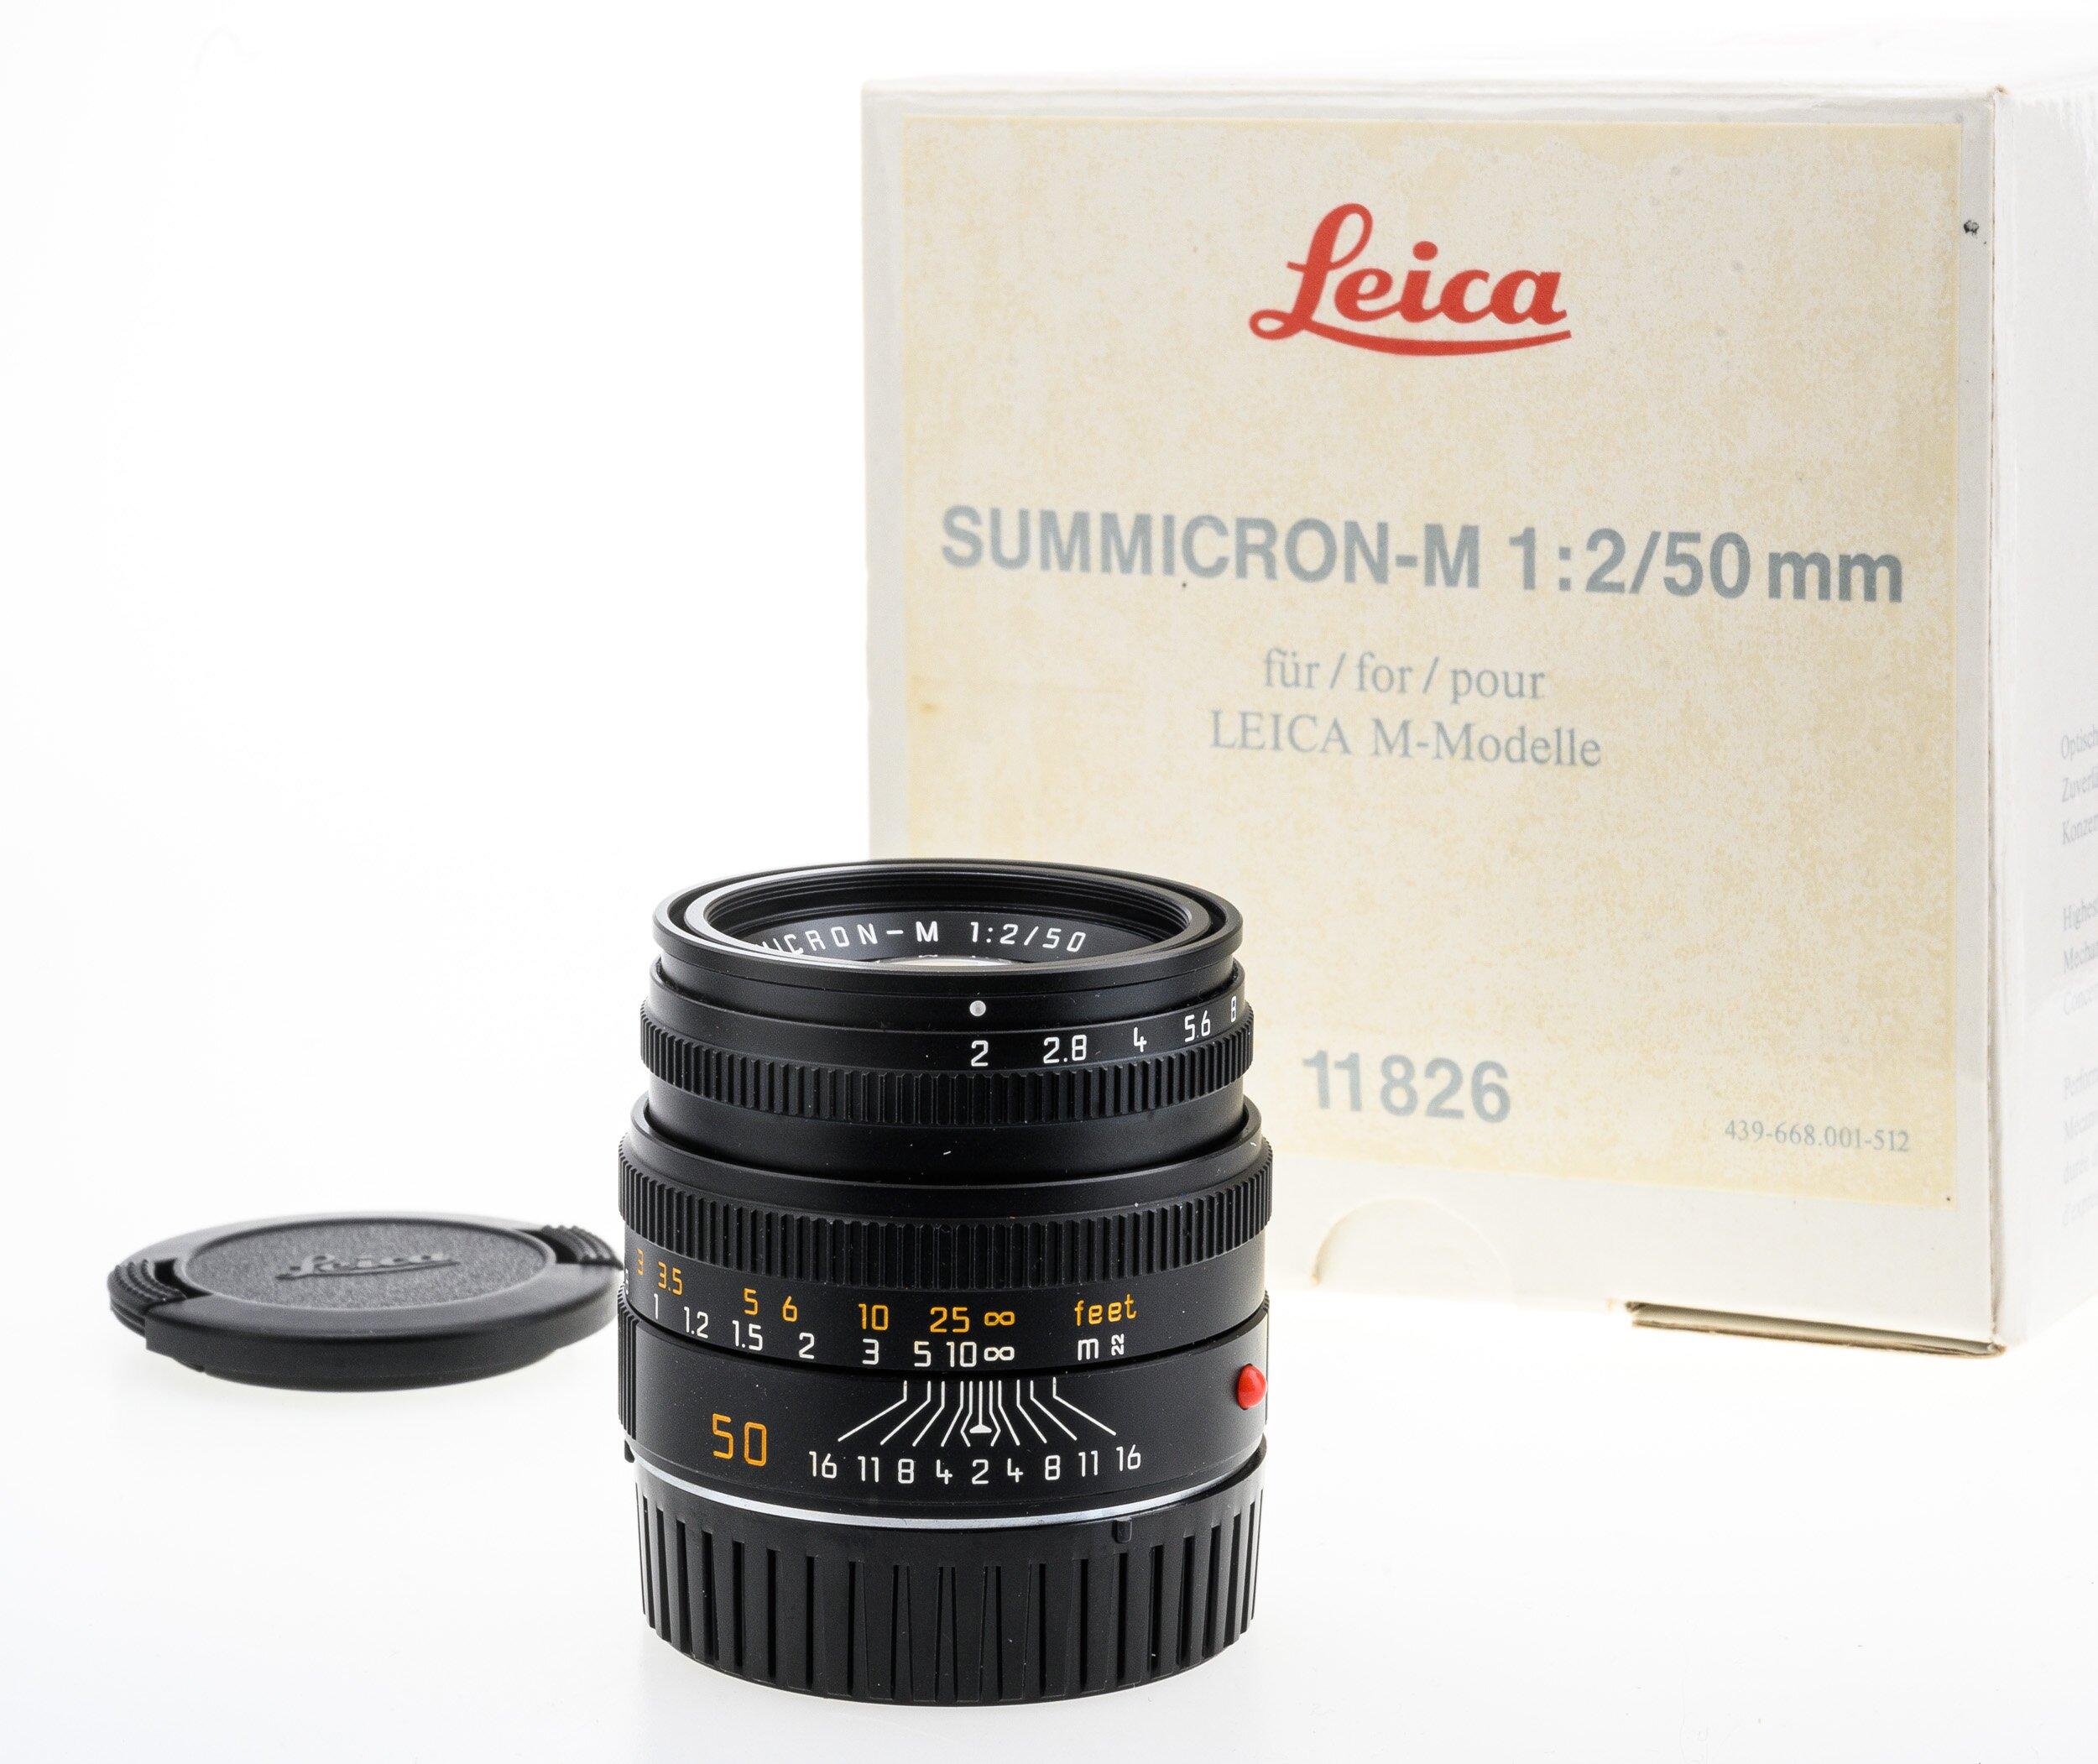 Leica Summicron-M 2/50mm #11826